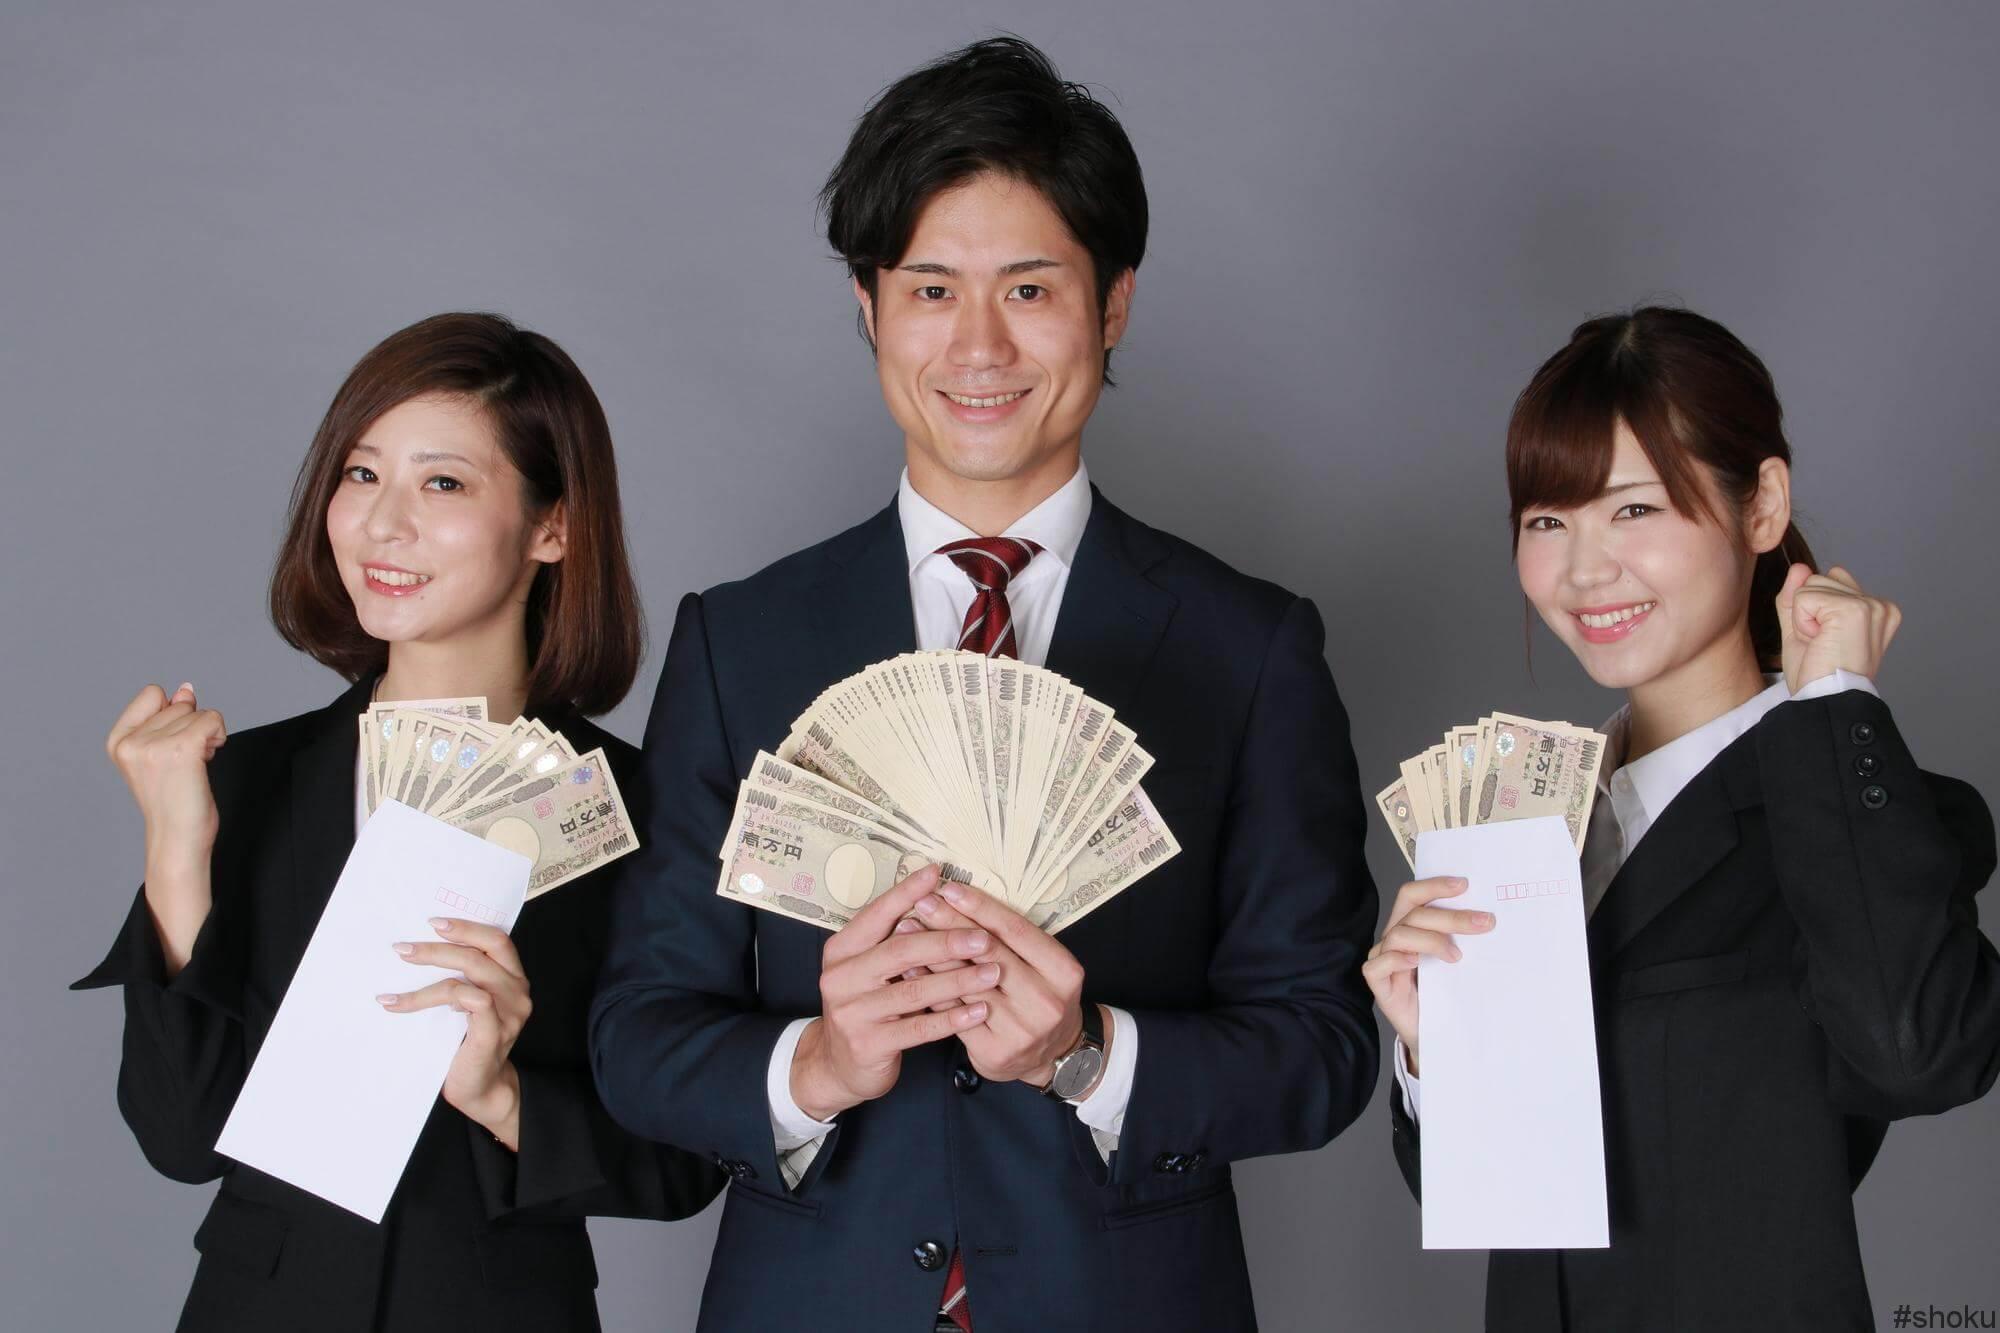 収入が増えて喜ぶ人々